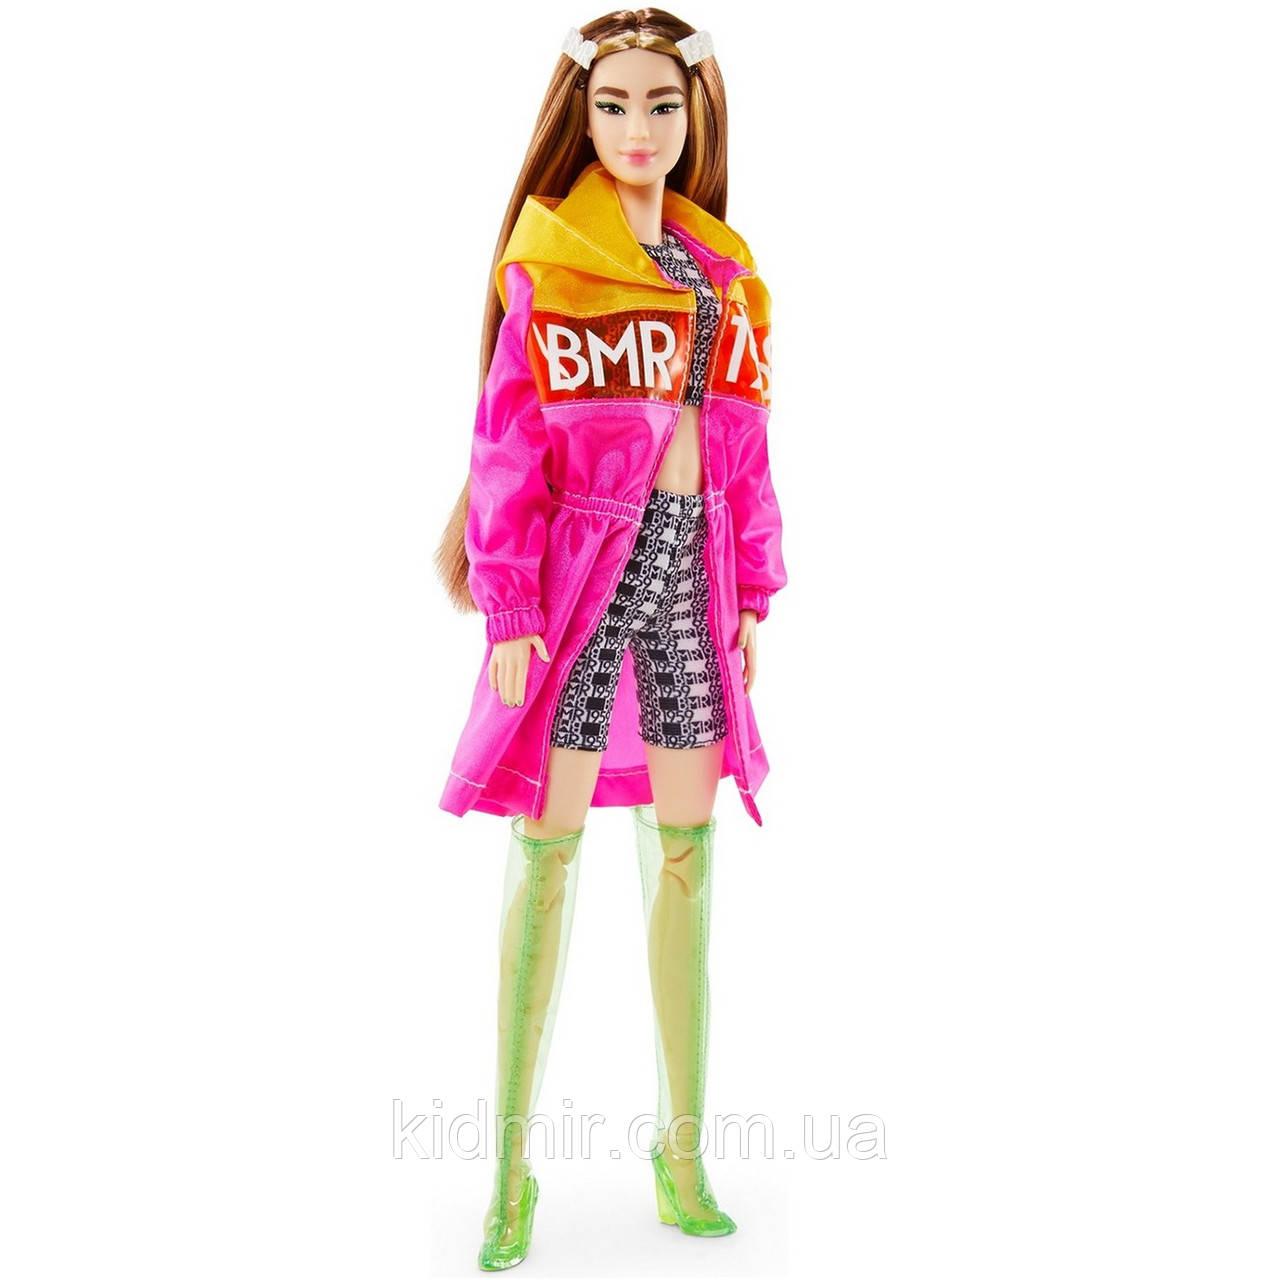 Кукла Барби БМР Высокая Азиатка Barbie BMR1959 GNC47